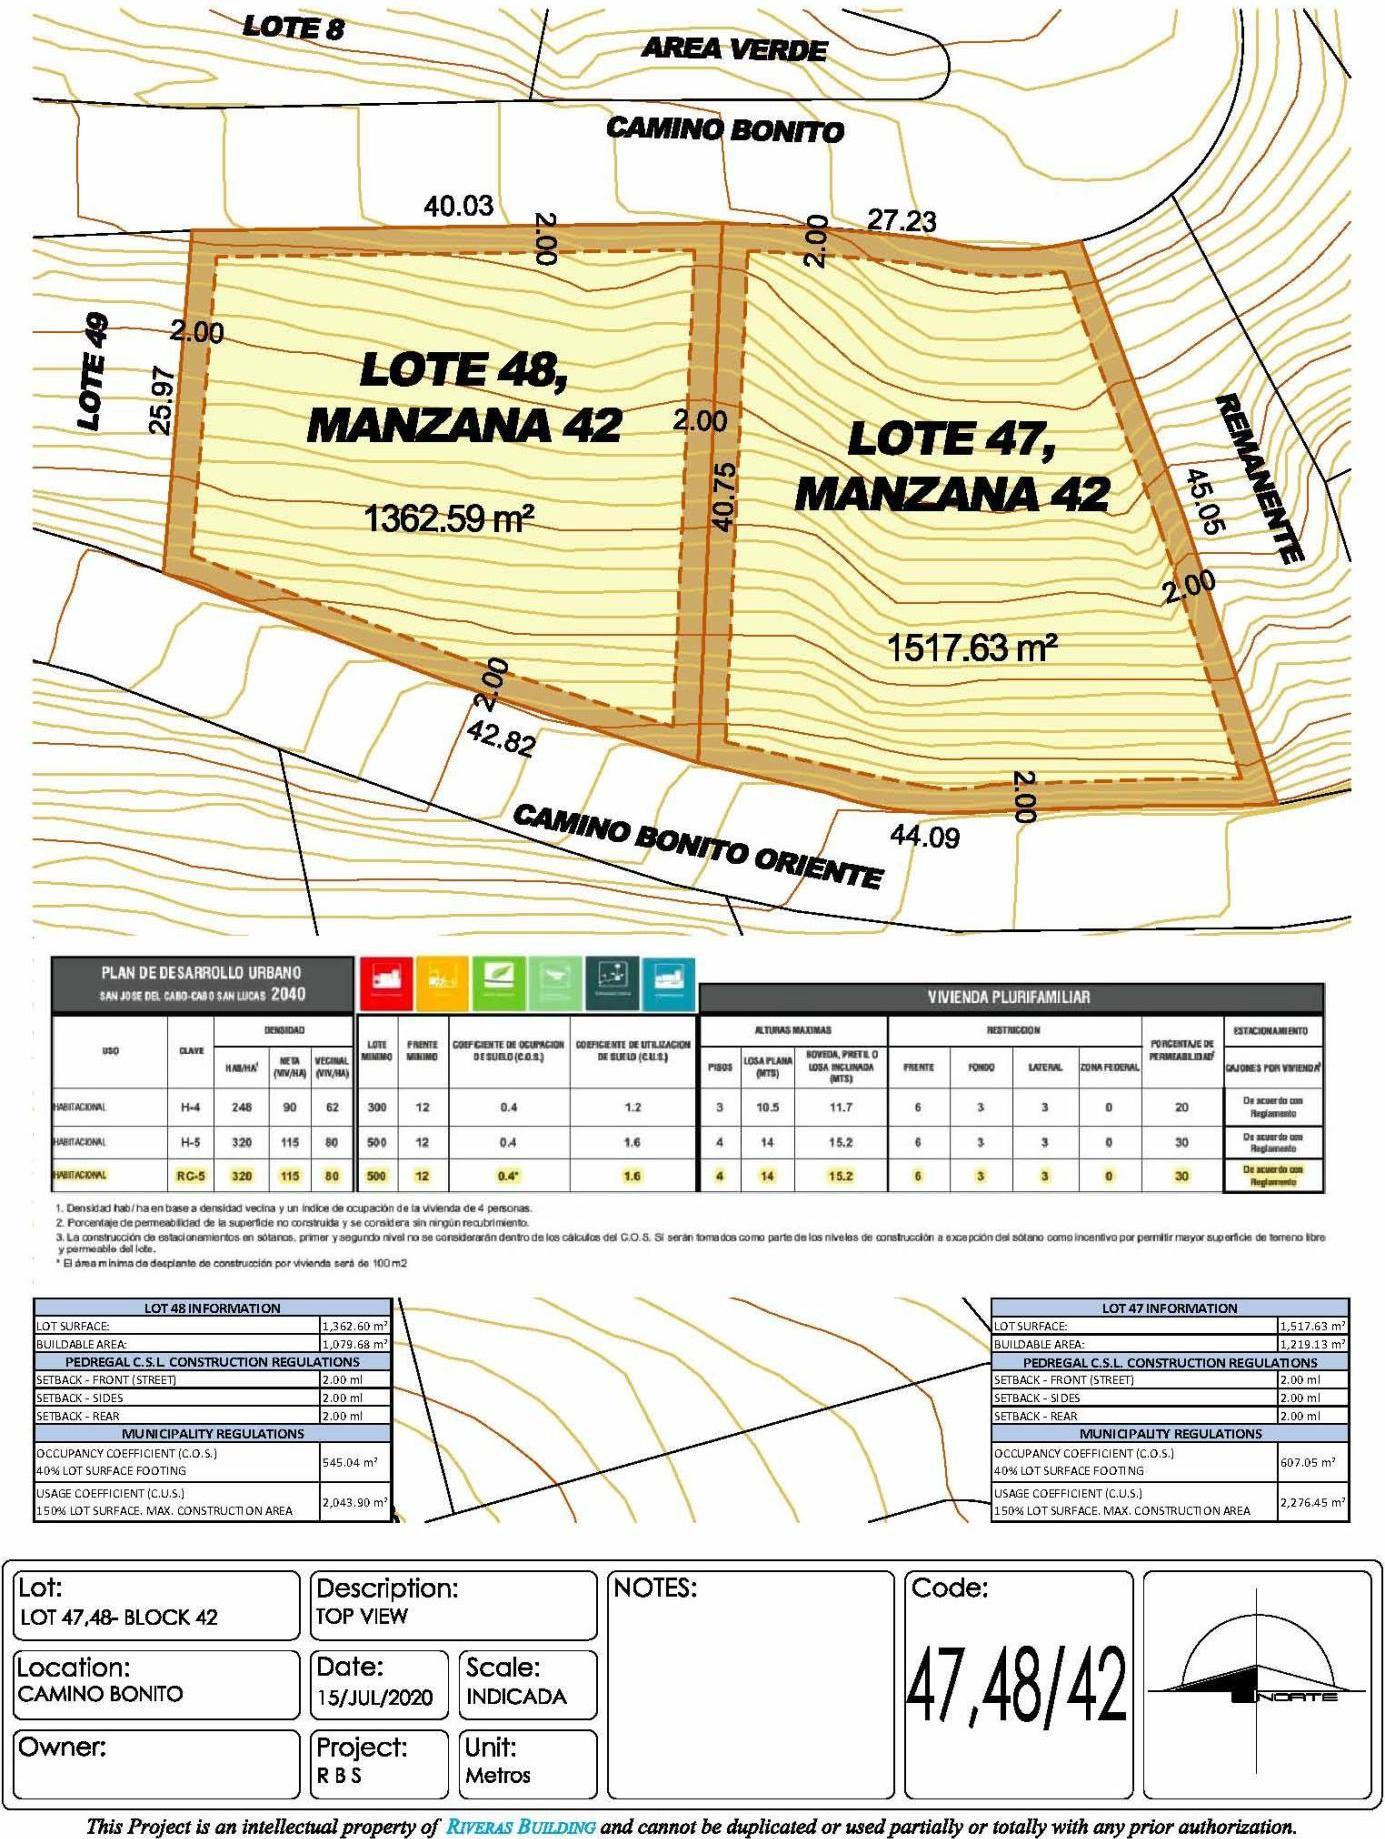 Lot 47/42 Camino Bonito Oriente